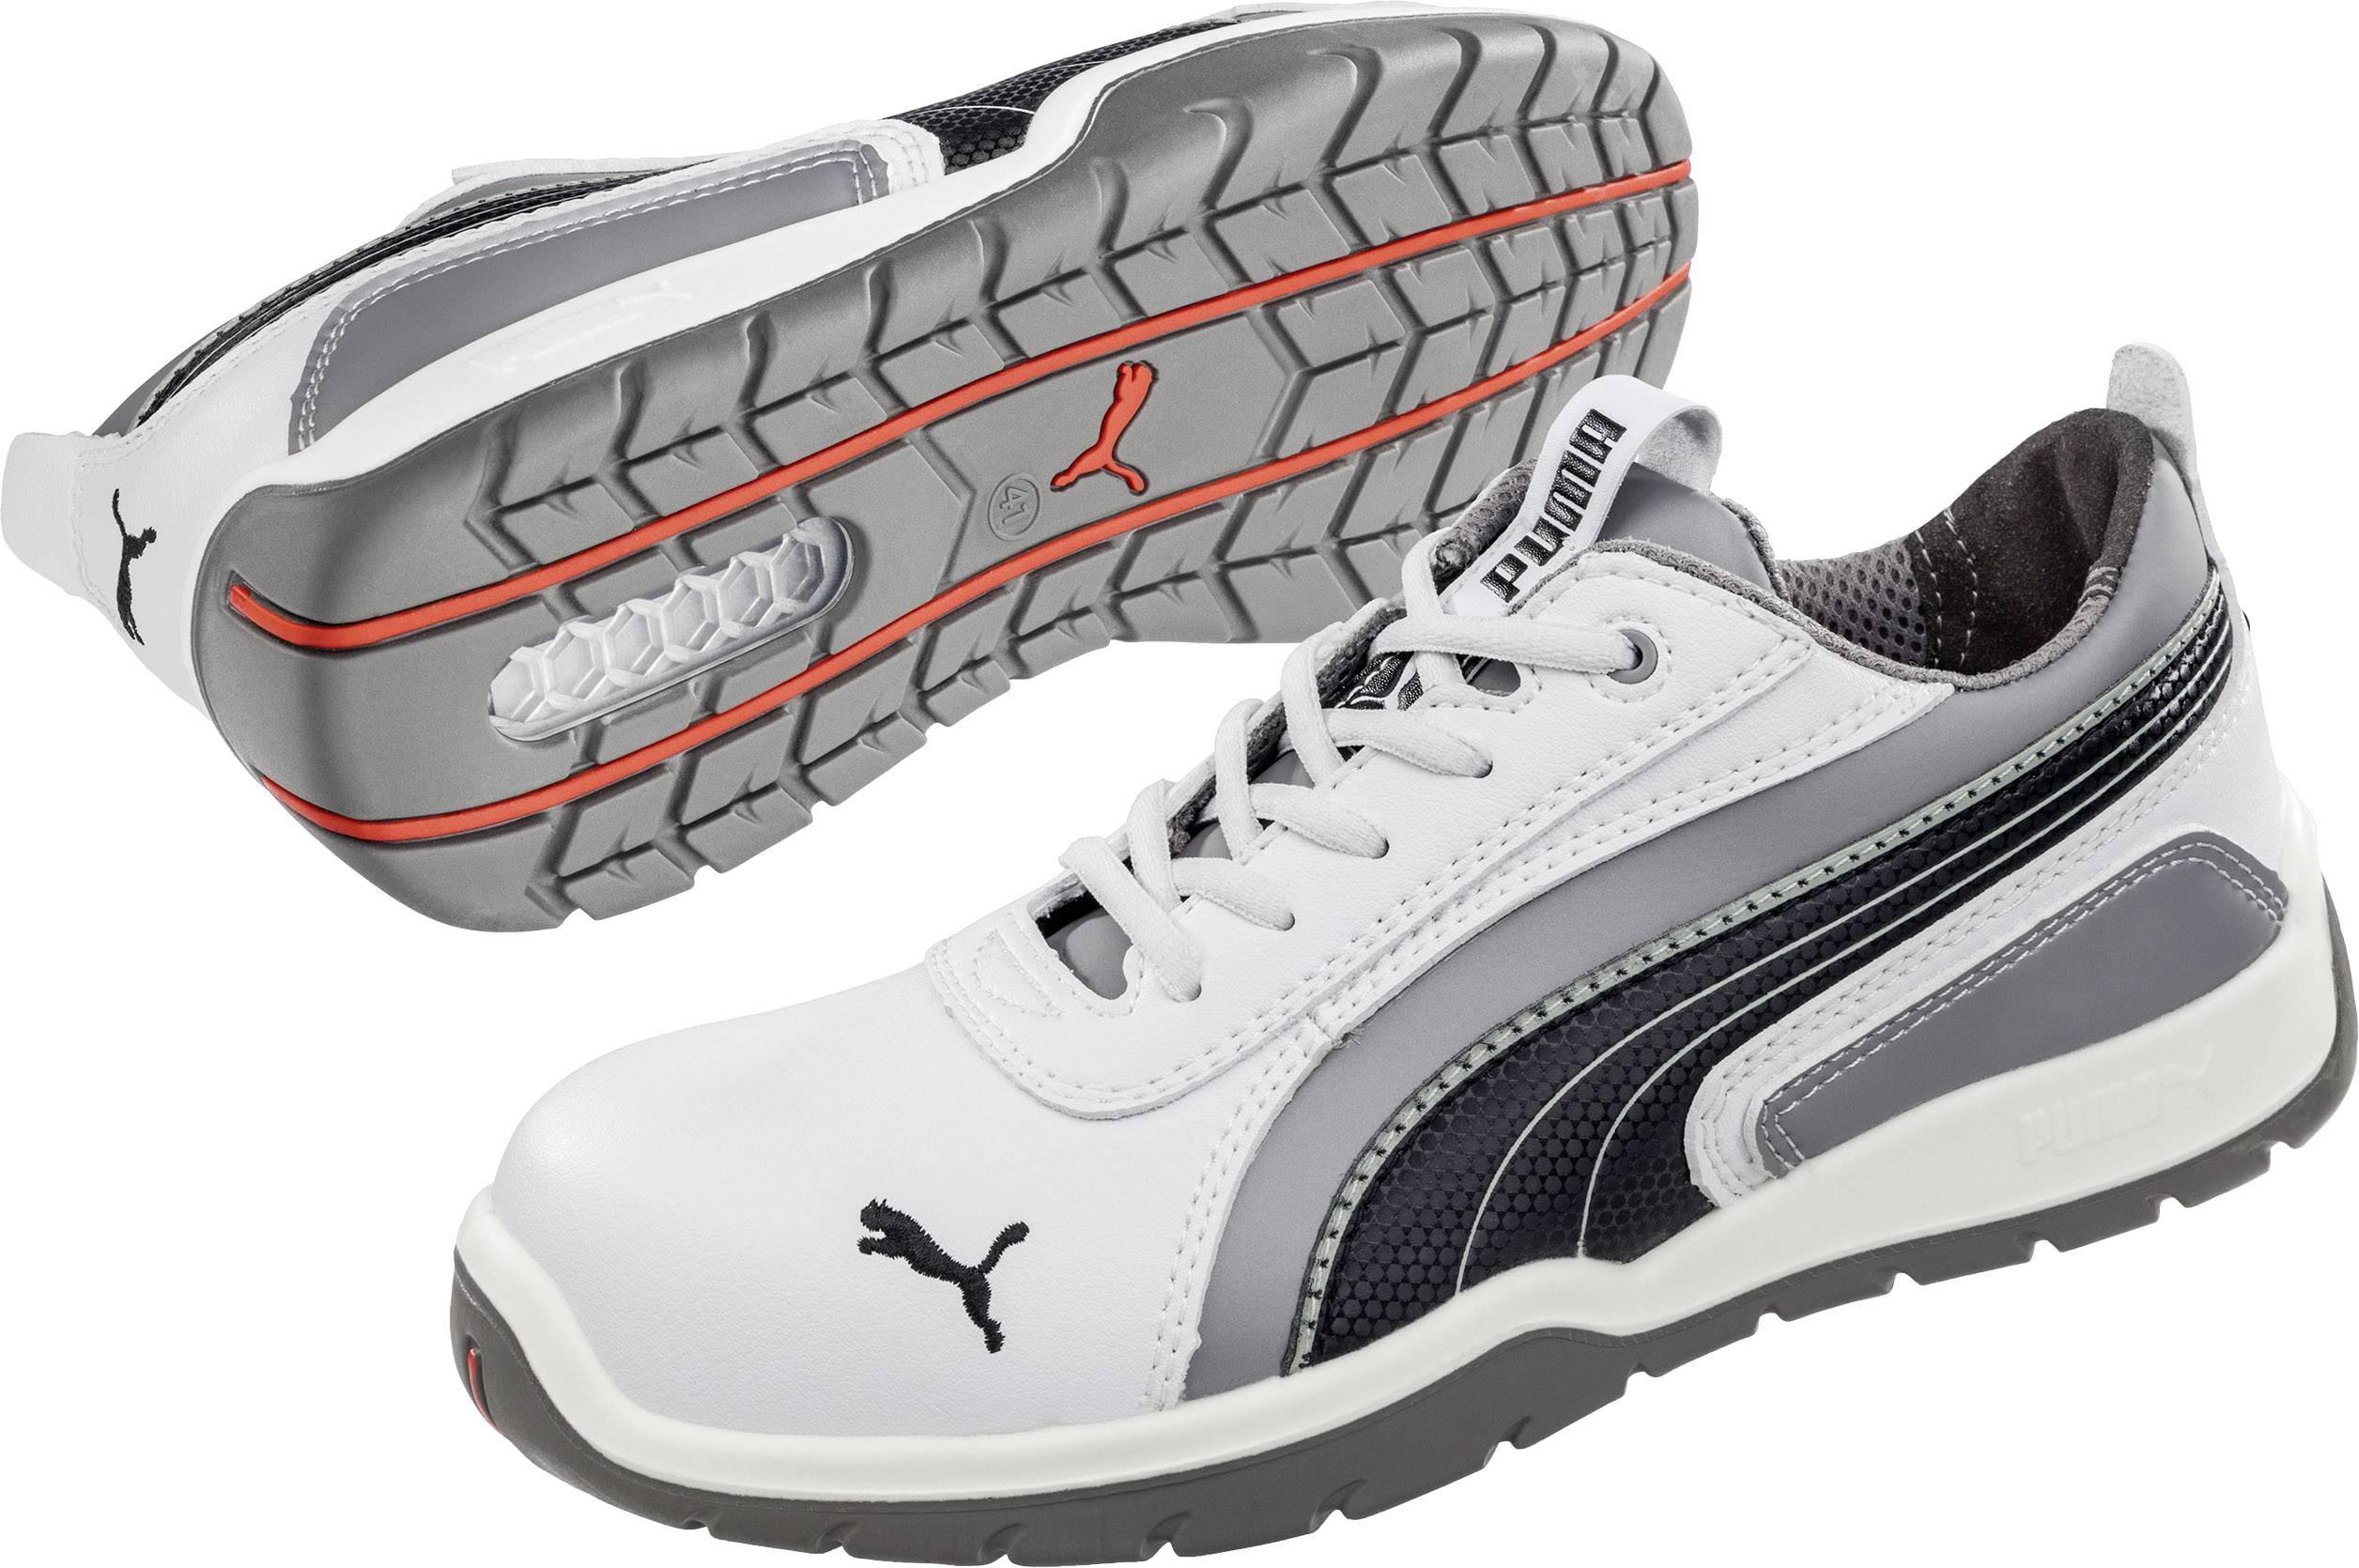 Bezpečnostná obuv S3 PUMA Safety Monaco Low 642650, veľ.: 44, biela, sivá, 1 pár